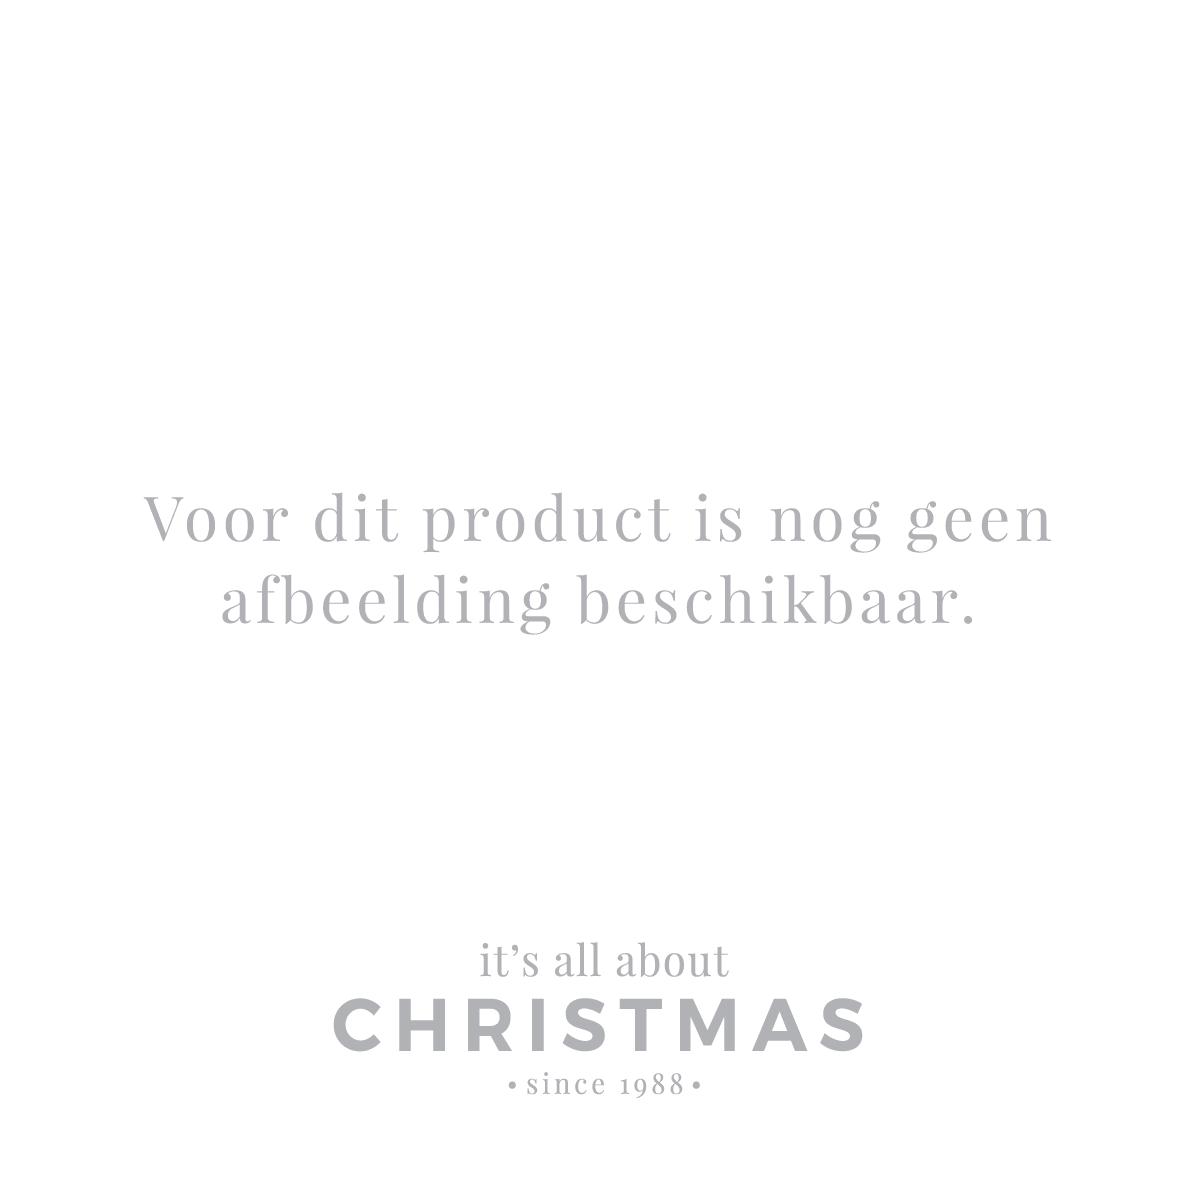 36 kleine kunststof kerstballen multi kleuren mix in koker